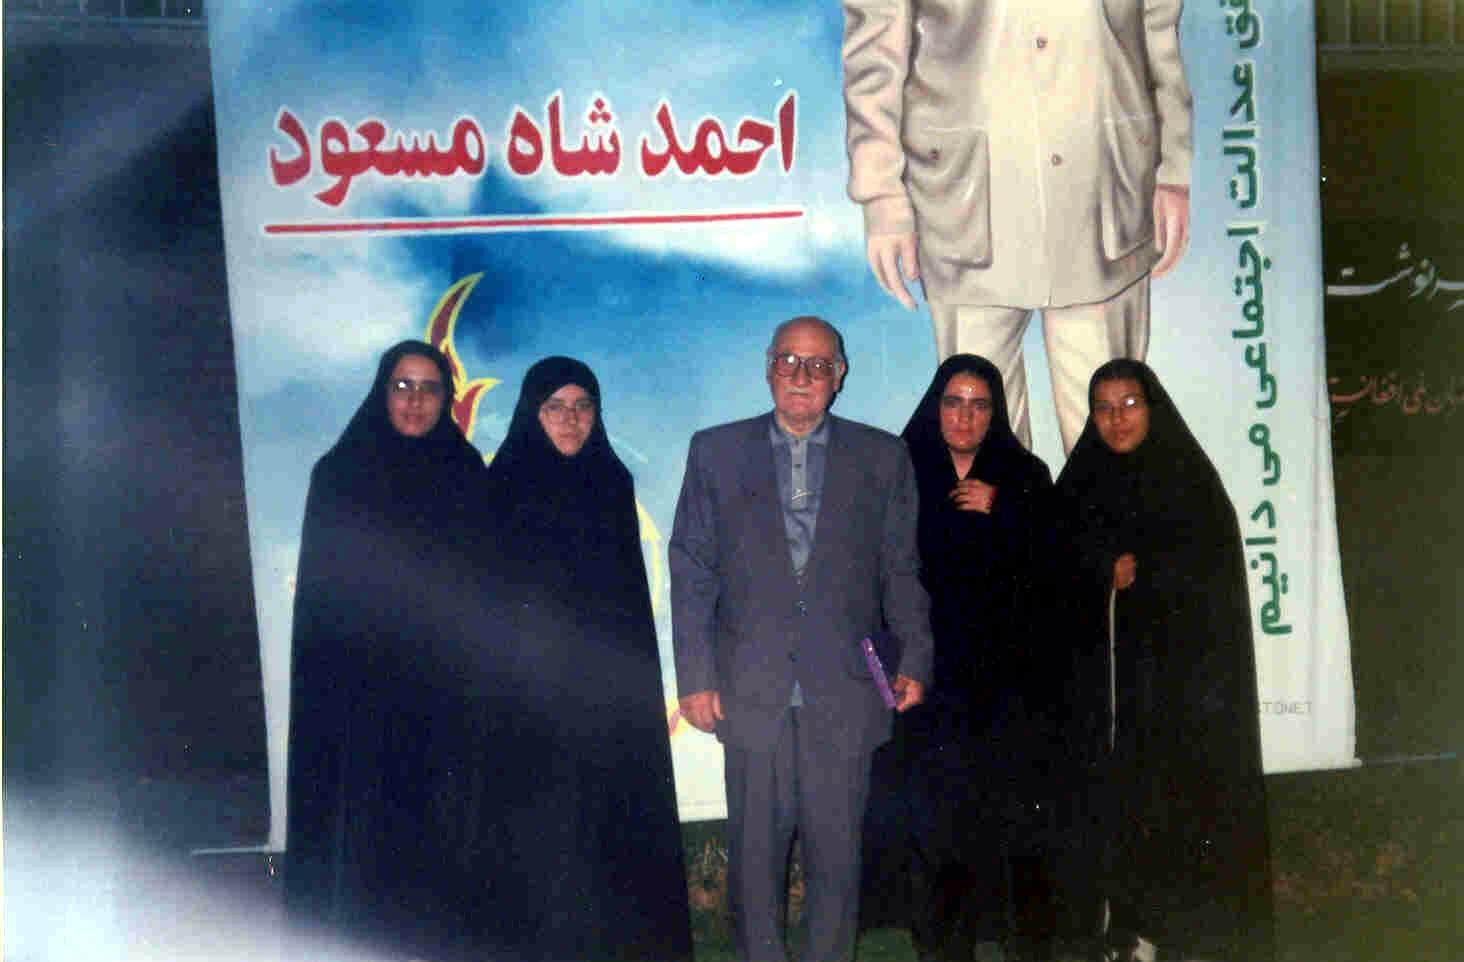 تأسیس باشگاه اسپرانتیست های مهاجر افغانی در مشهد